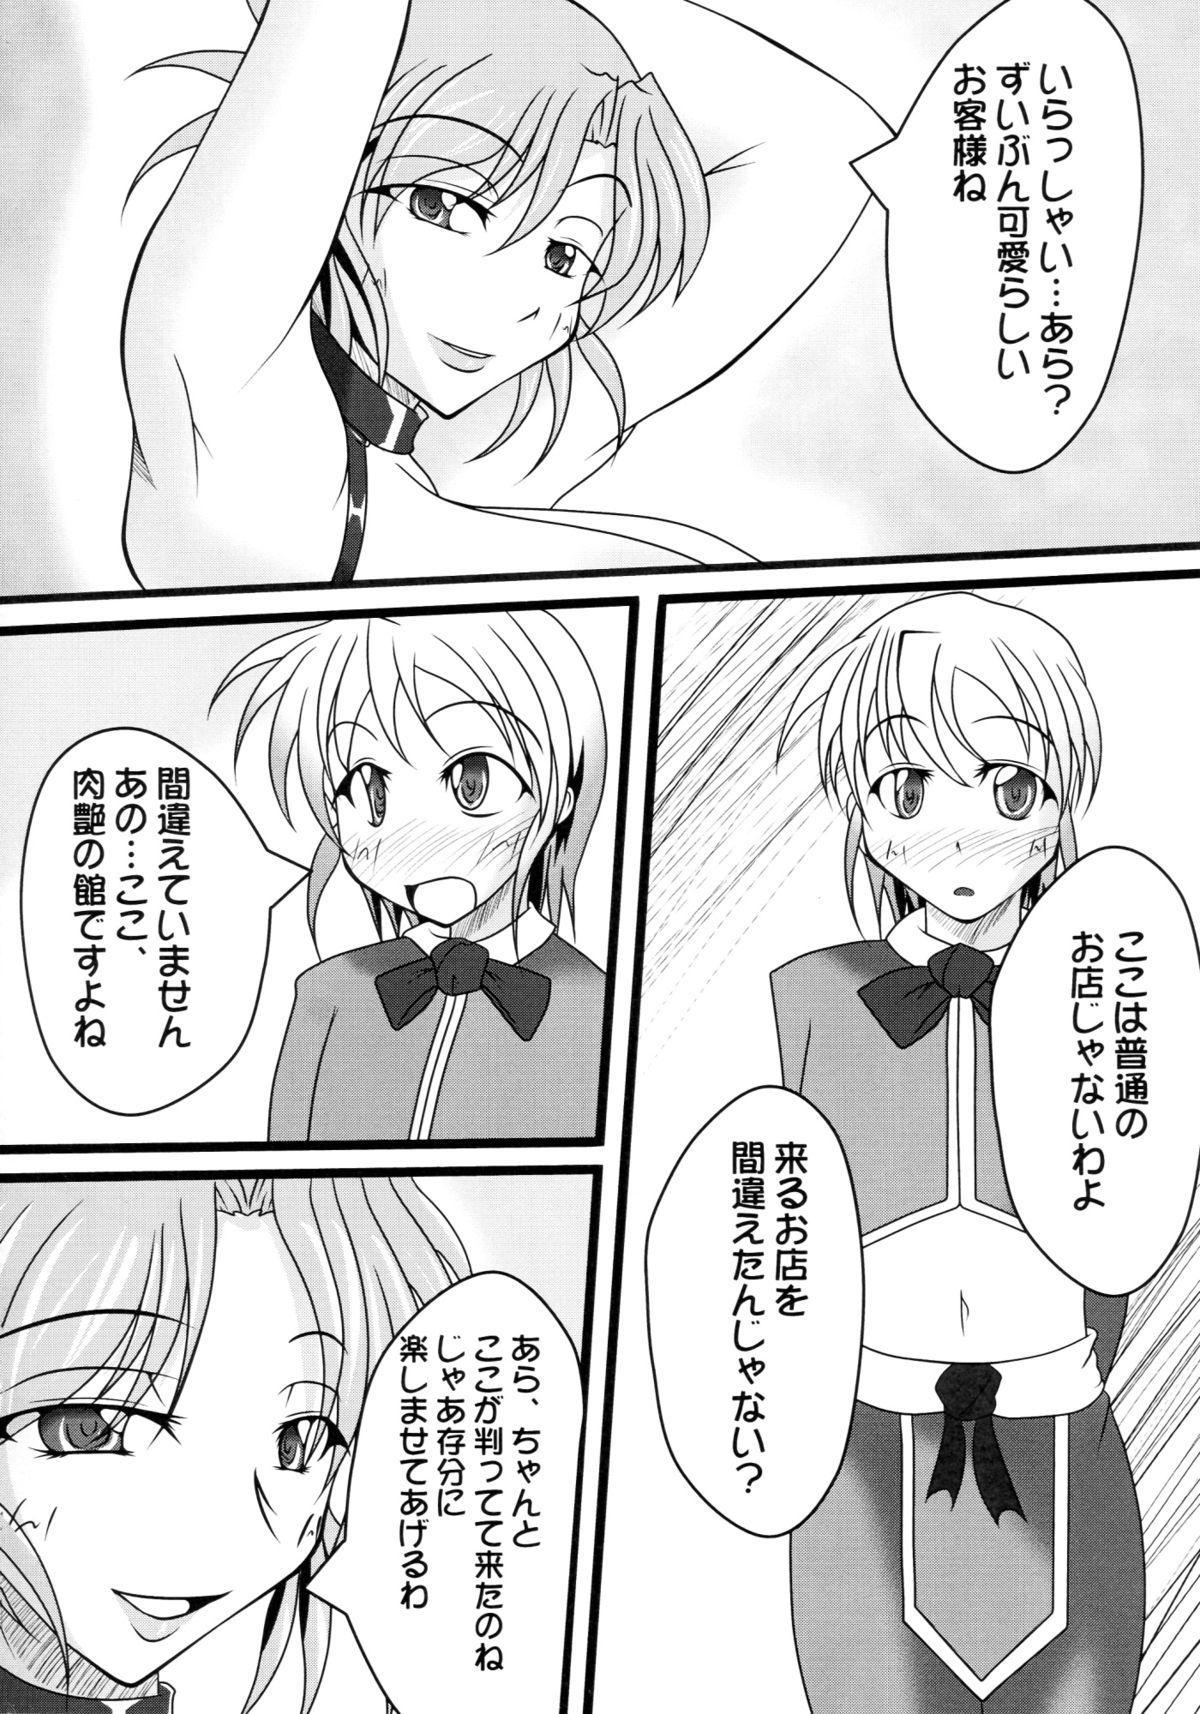 Nikuen no Yakata 4